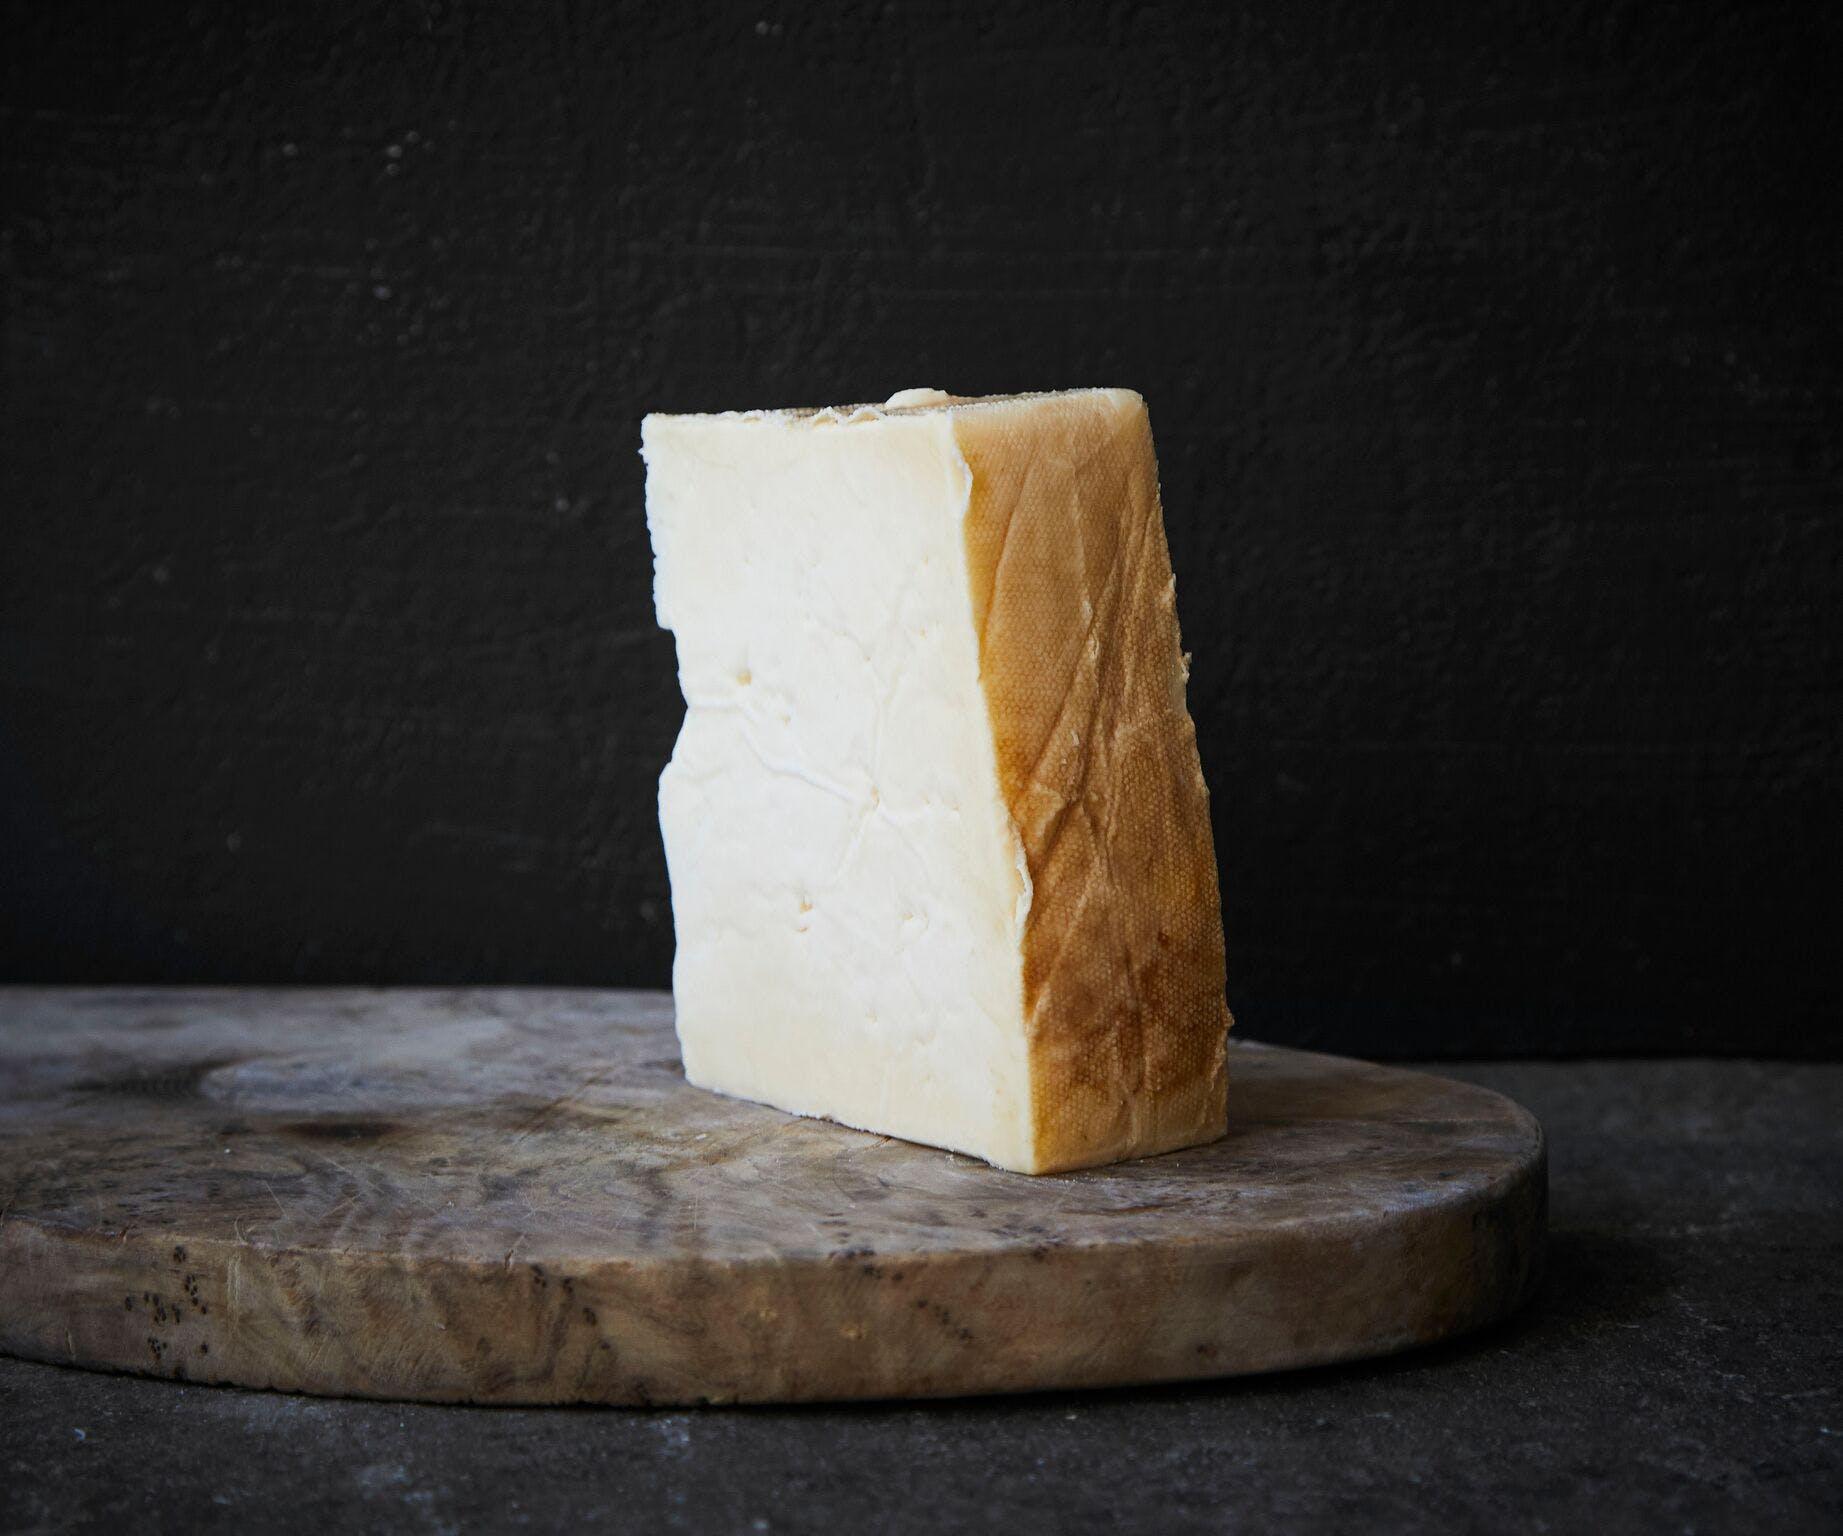 Wiltshire Loaf